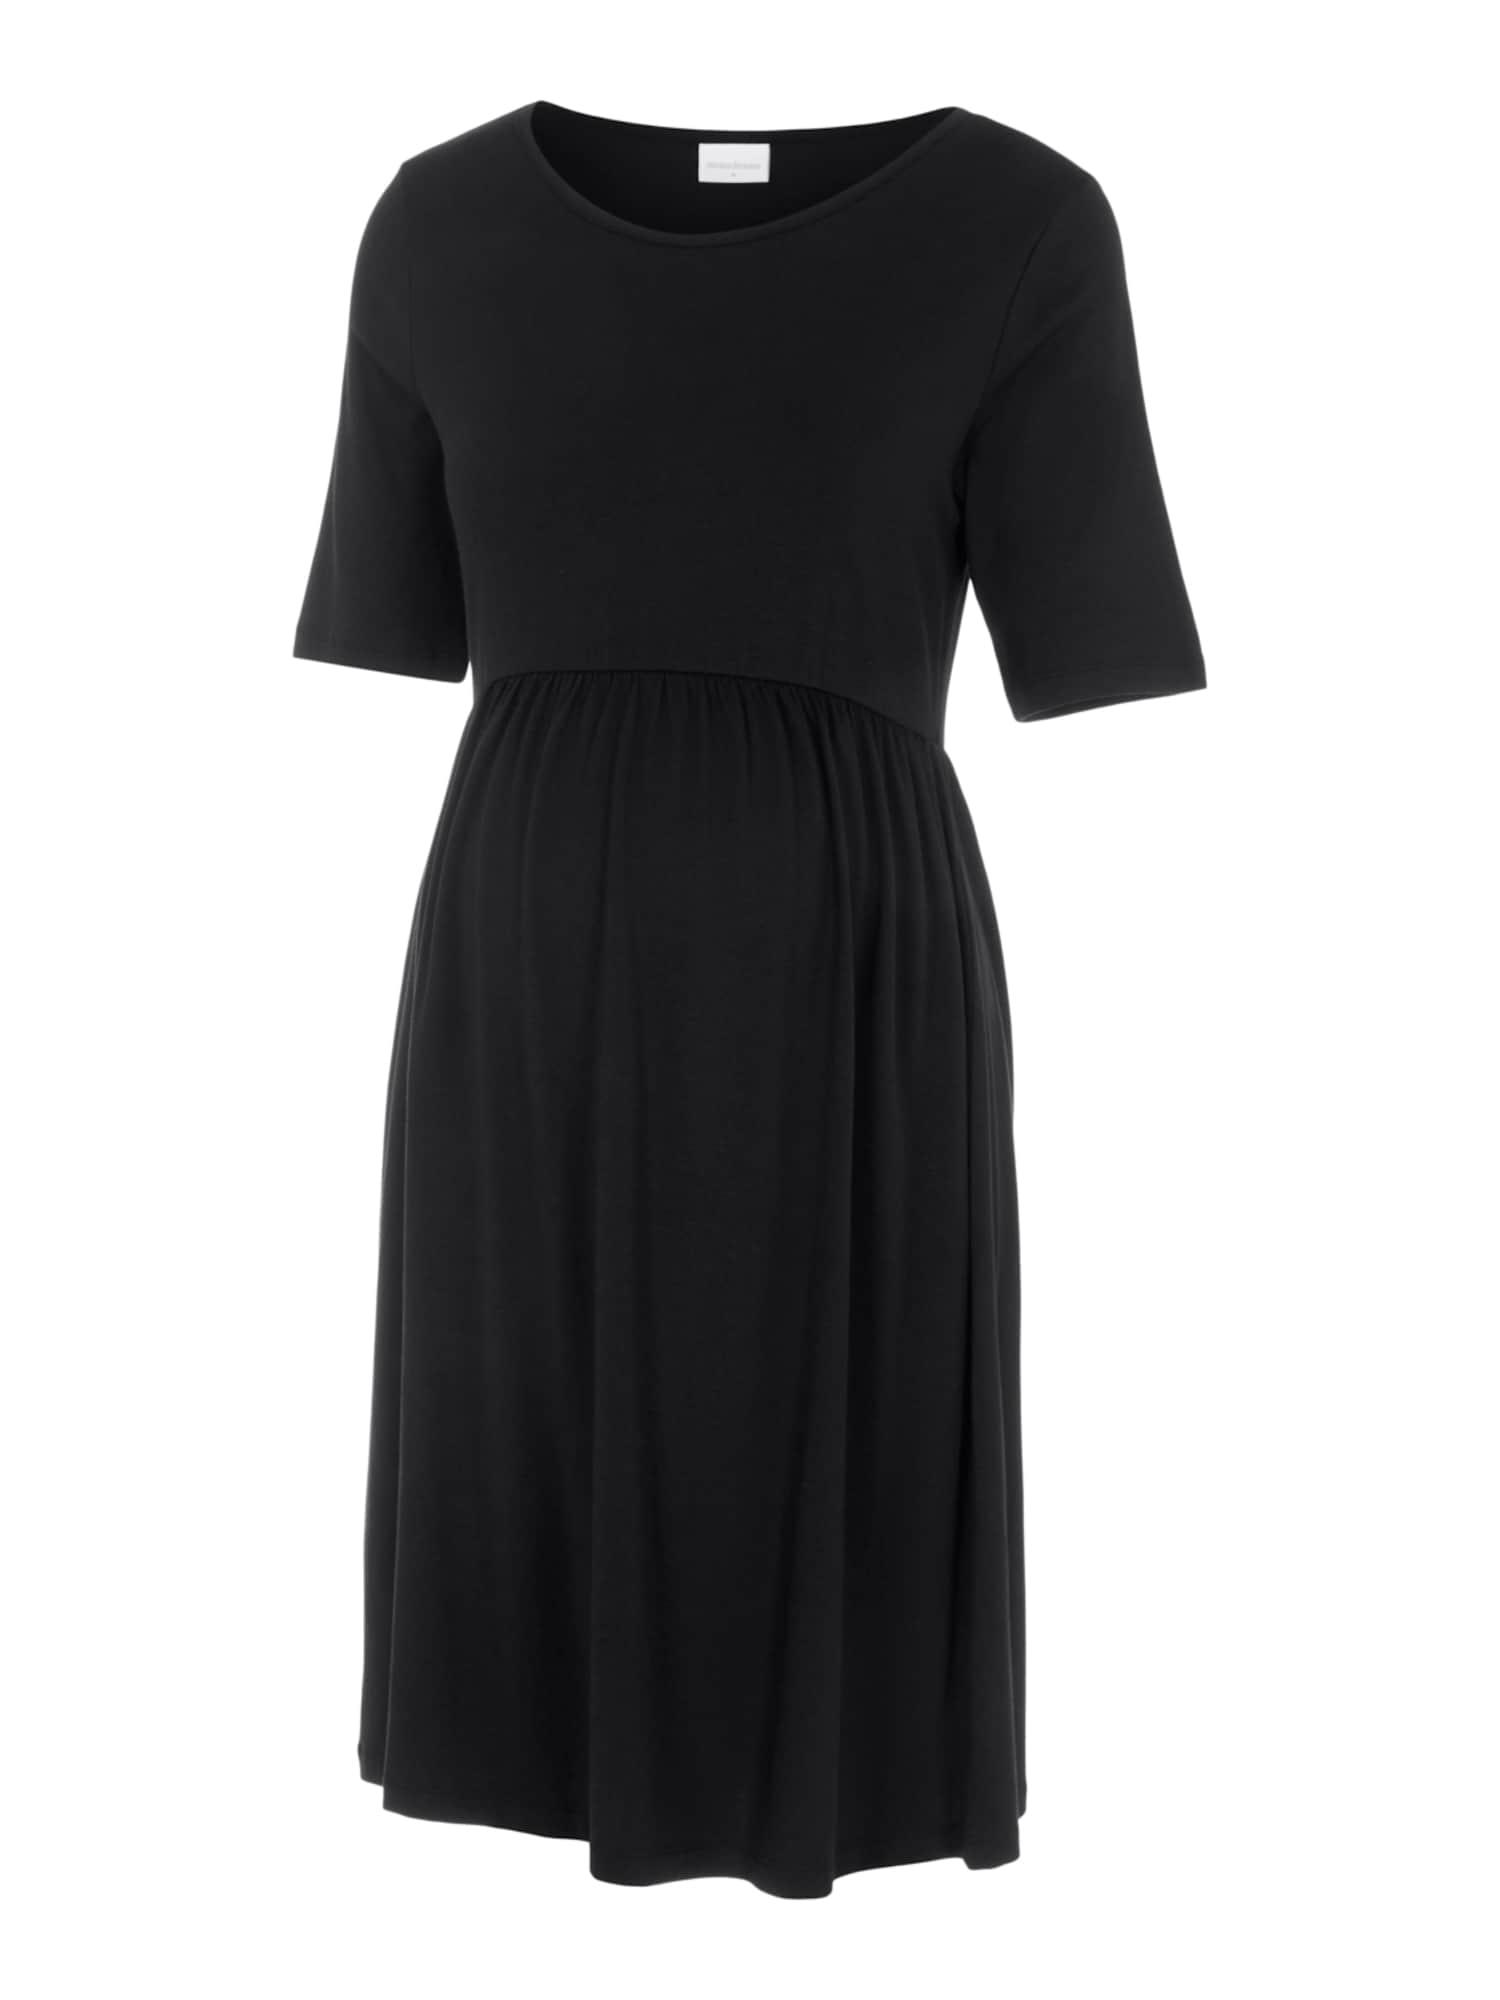 MAMALICIOUS Suknelė 'Elnora' juoda